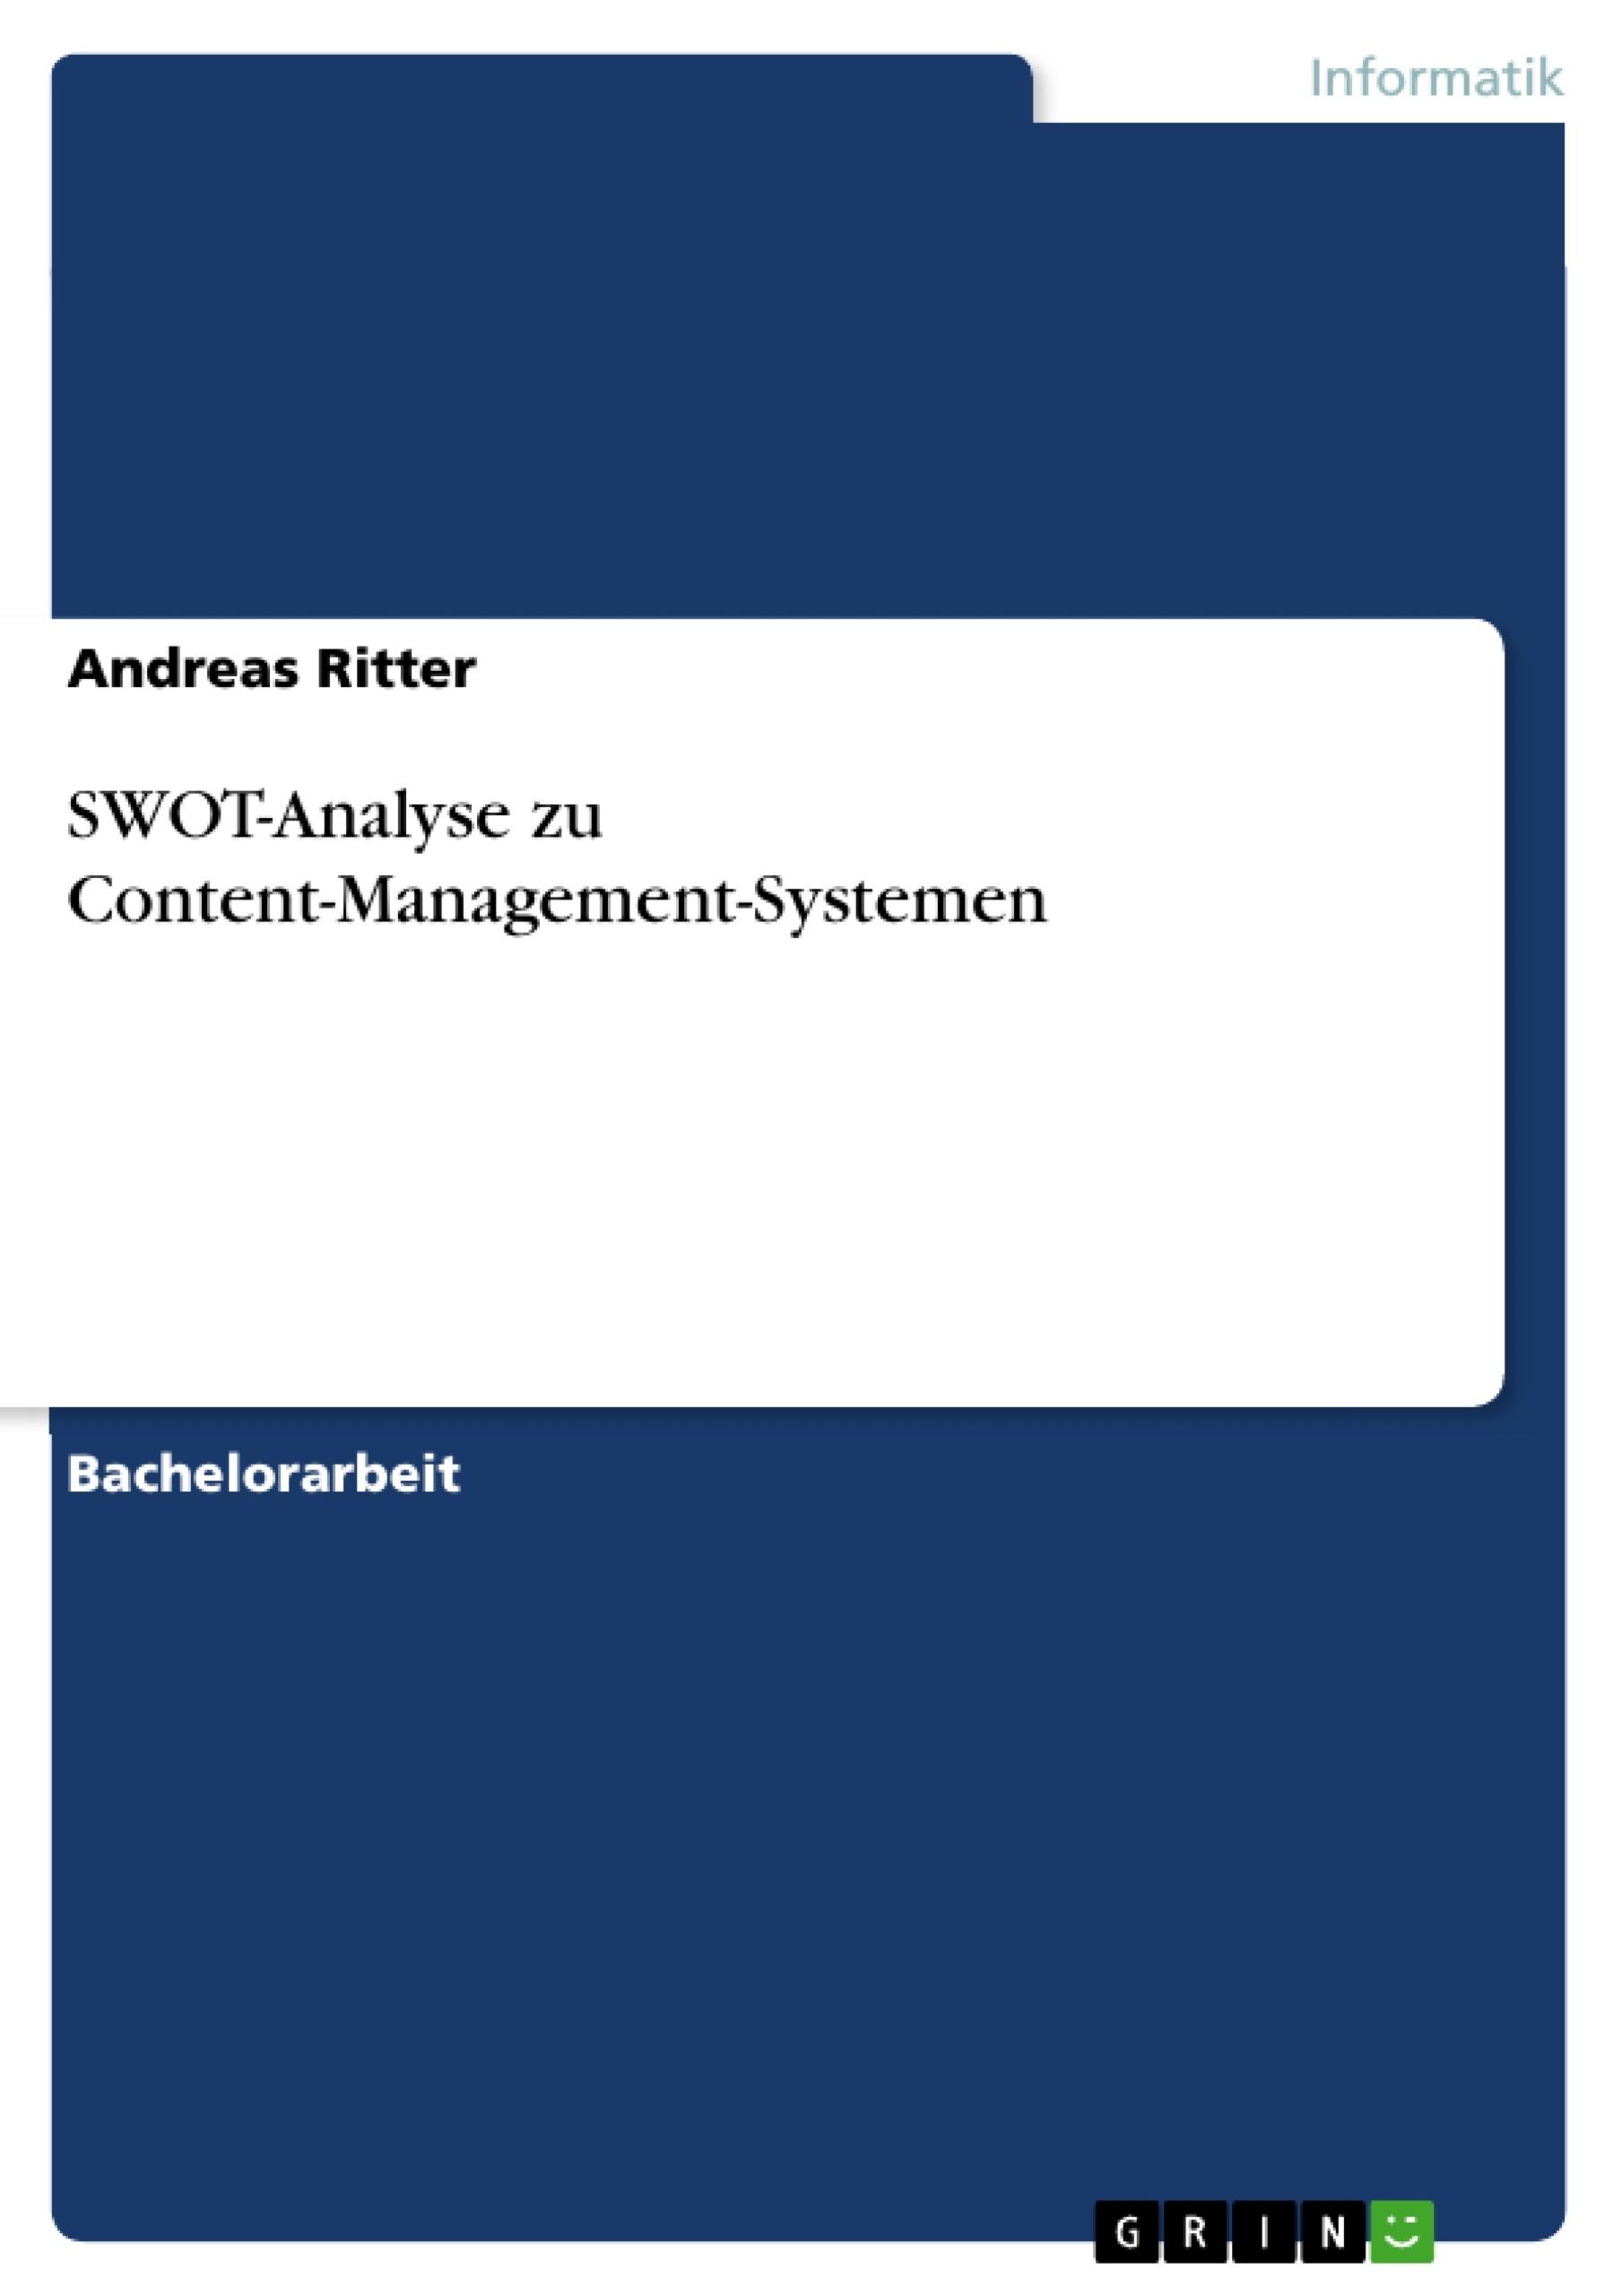 Titel: SWOT-Analyse zu Content-Management-Systemen